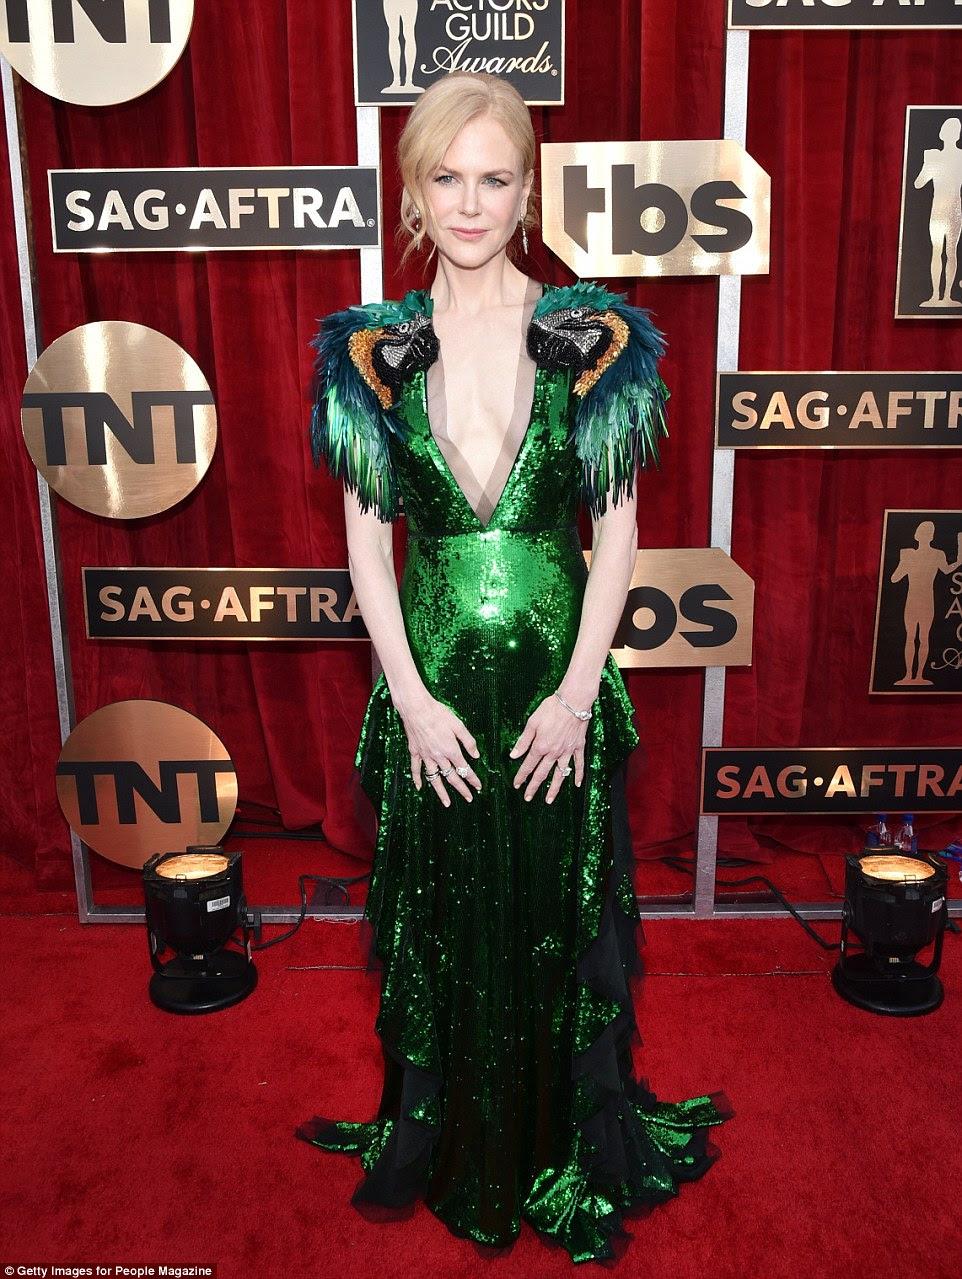 Topo da lista: Nicole Kidman lidera o pior vestido no SAG Awards domingo com este vestido verde Gucci